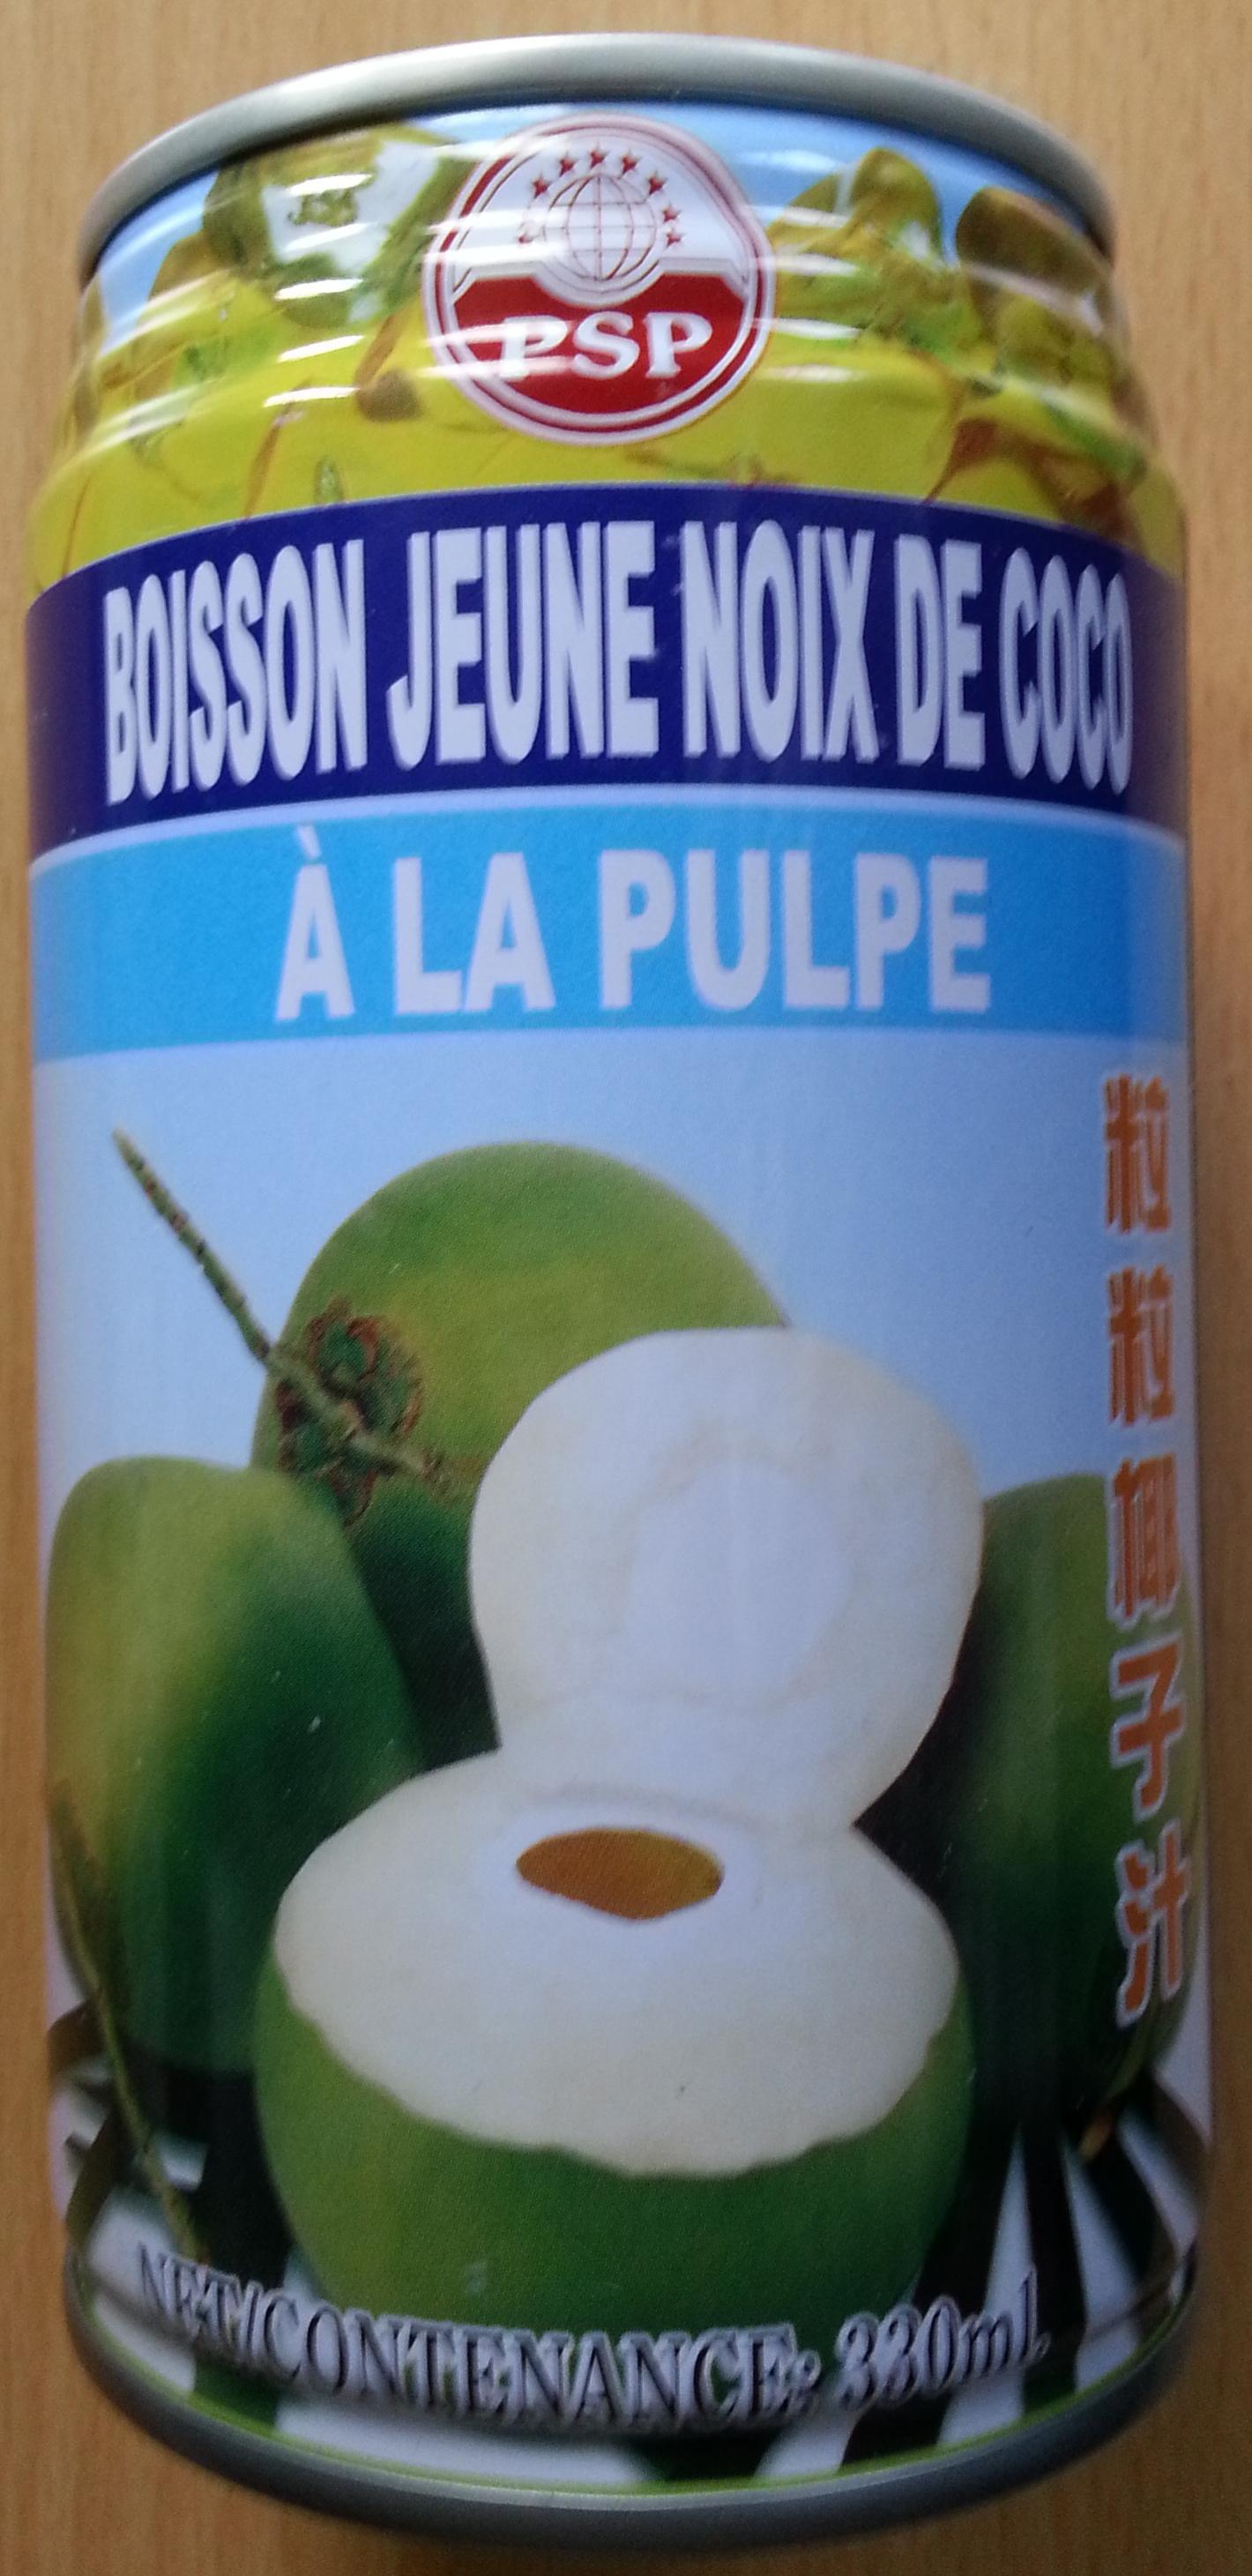 Souvent Boisson jeune noix de coco à la pulpe - PSP - 33 cl QW54